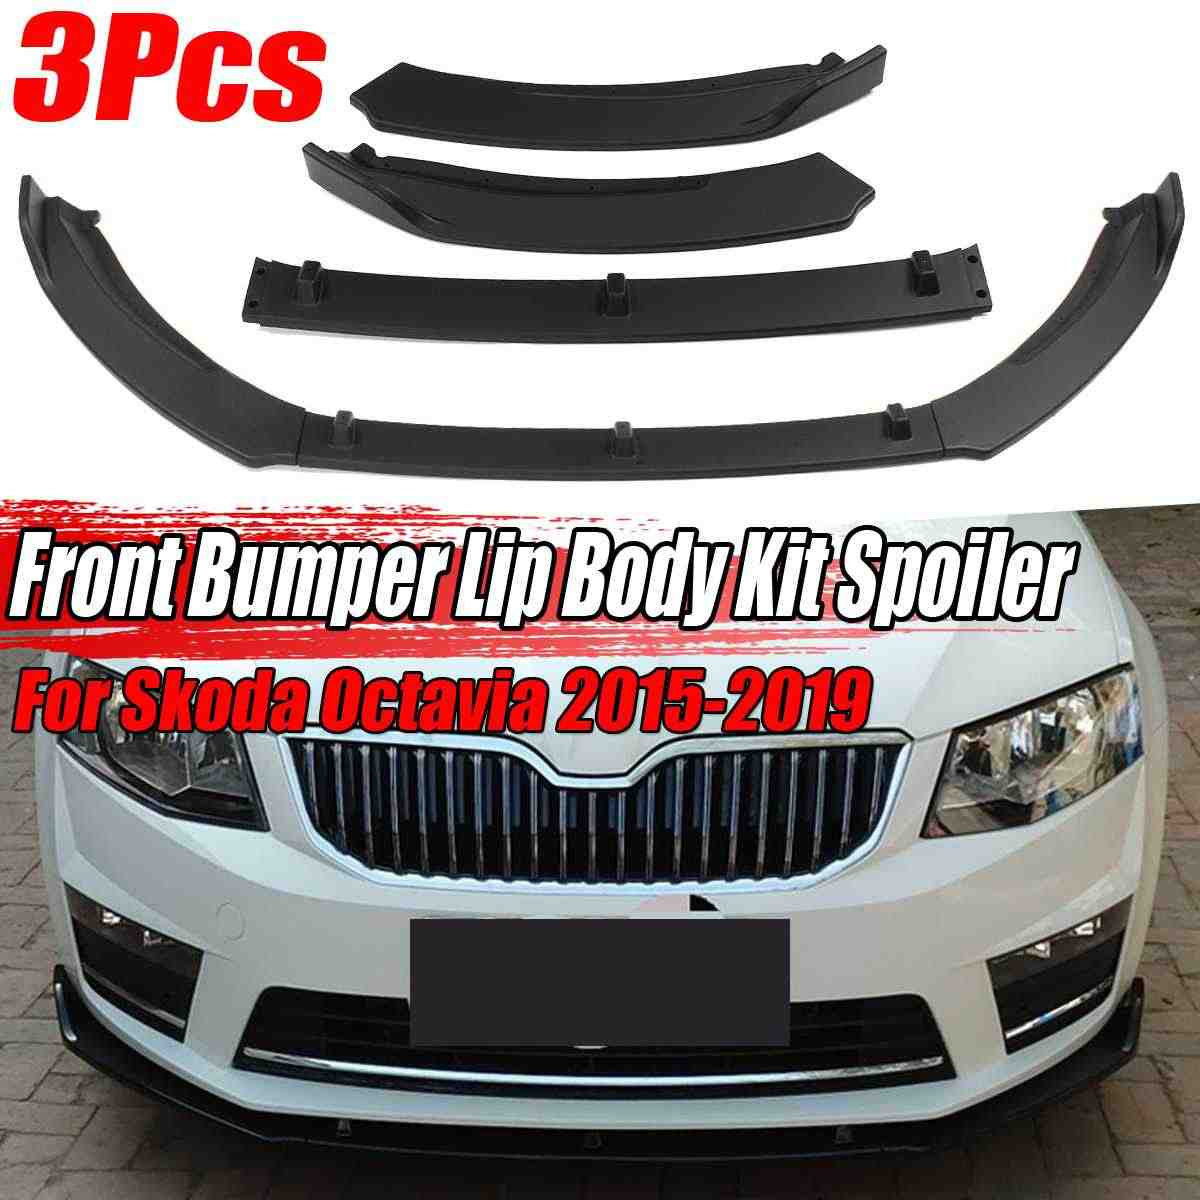 Serat Karbon Terlihat/Hitam Mobil Depan Bumper Splitter Lip Spoiler Diffuser Pelindung Tubuh Kit Trim untuk Skoda Octavia 2015-2019